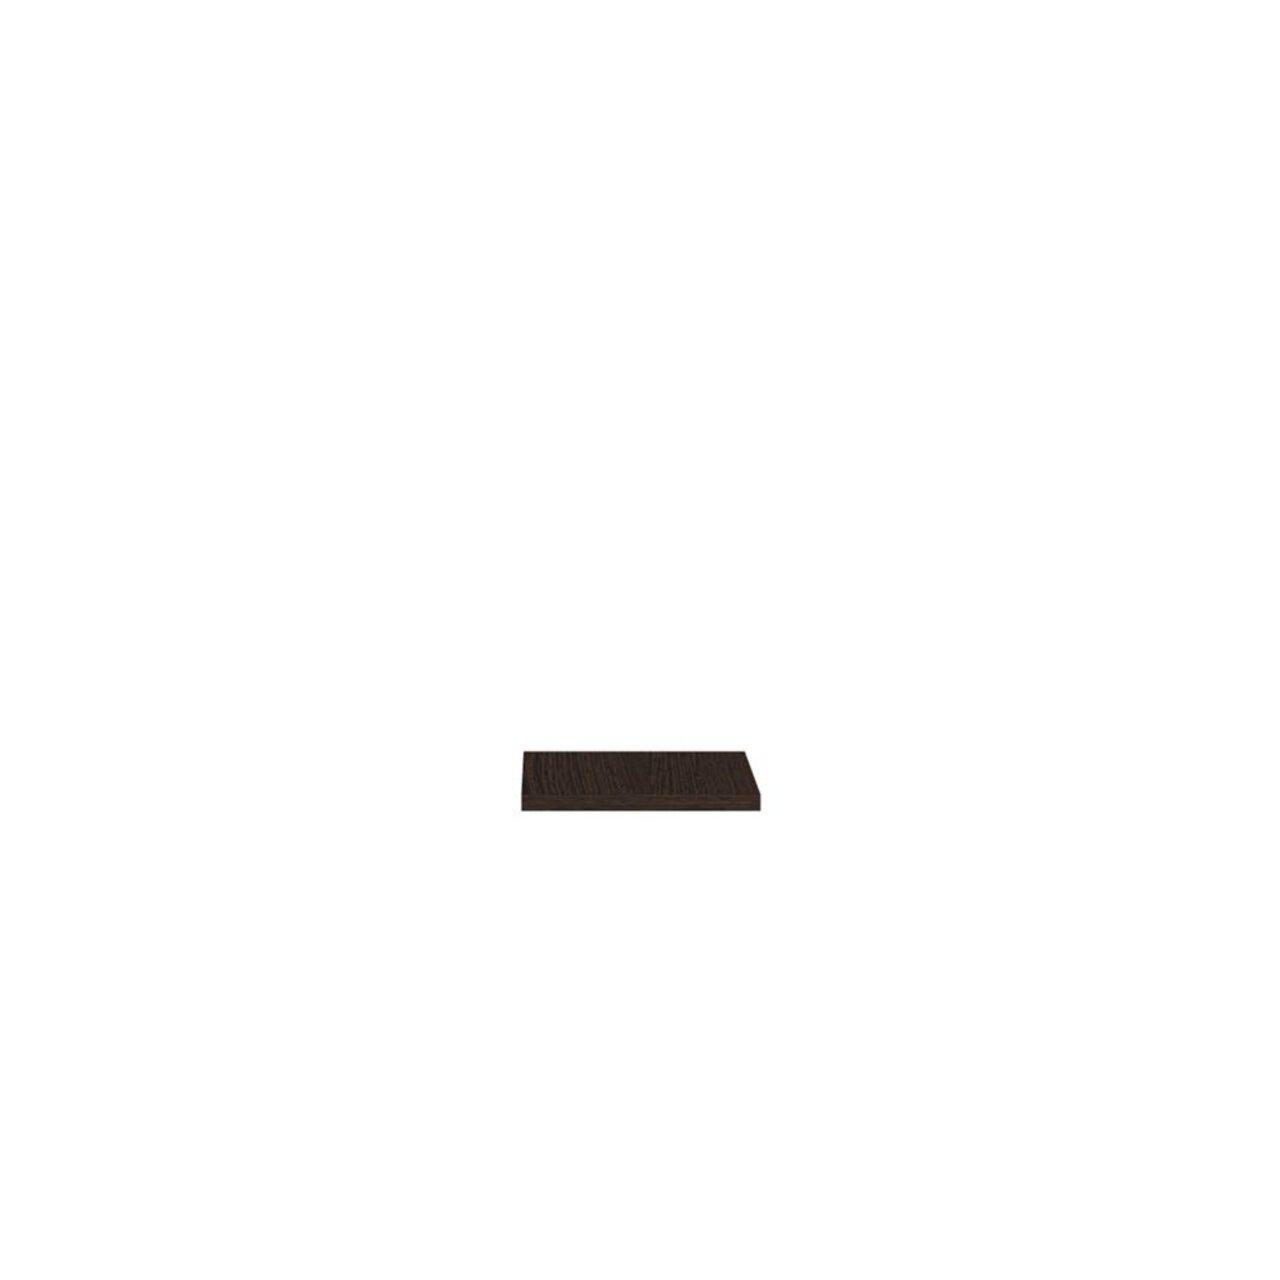 Топ декоративный для стеллажей  Бонд 44x46x4 - фото 4